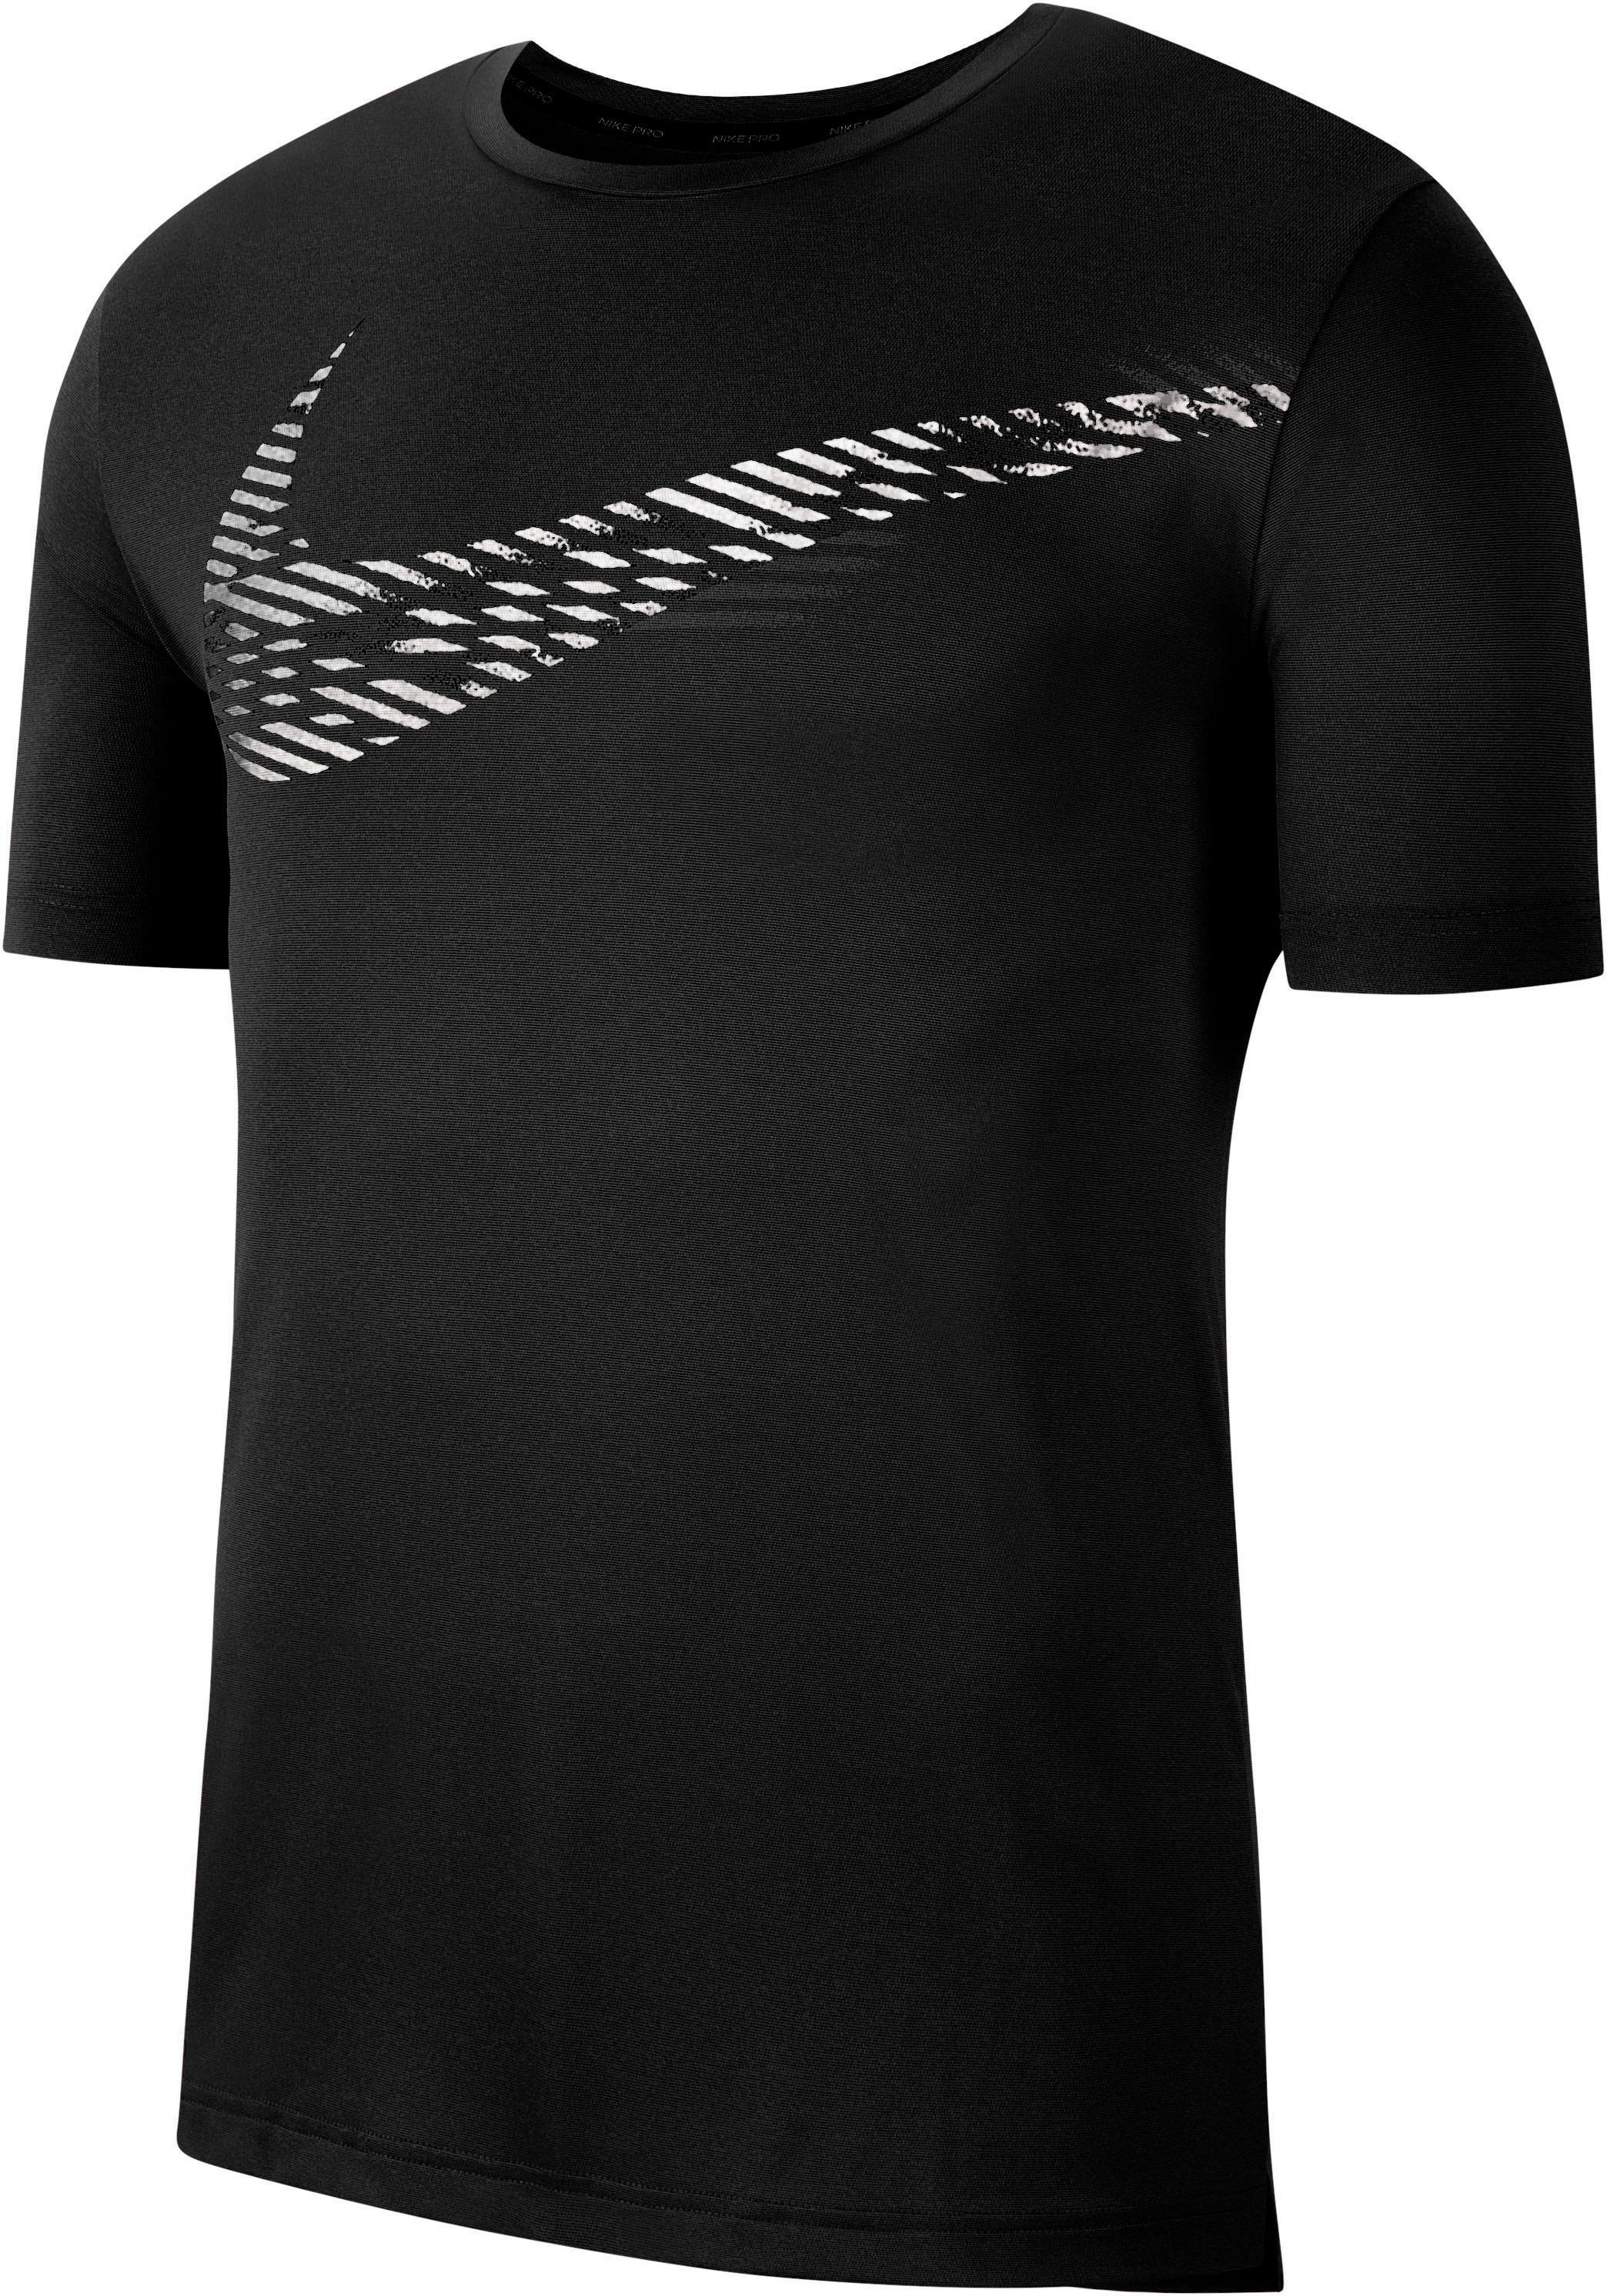 Nike trainingsshirt »Nike Men's Short-sleeve Training Top« voordelig en veilig online kopen